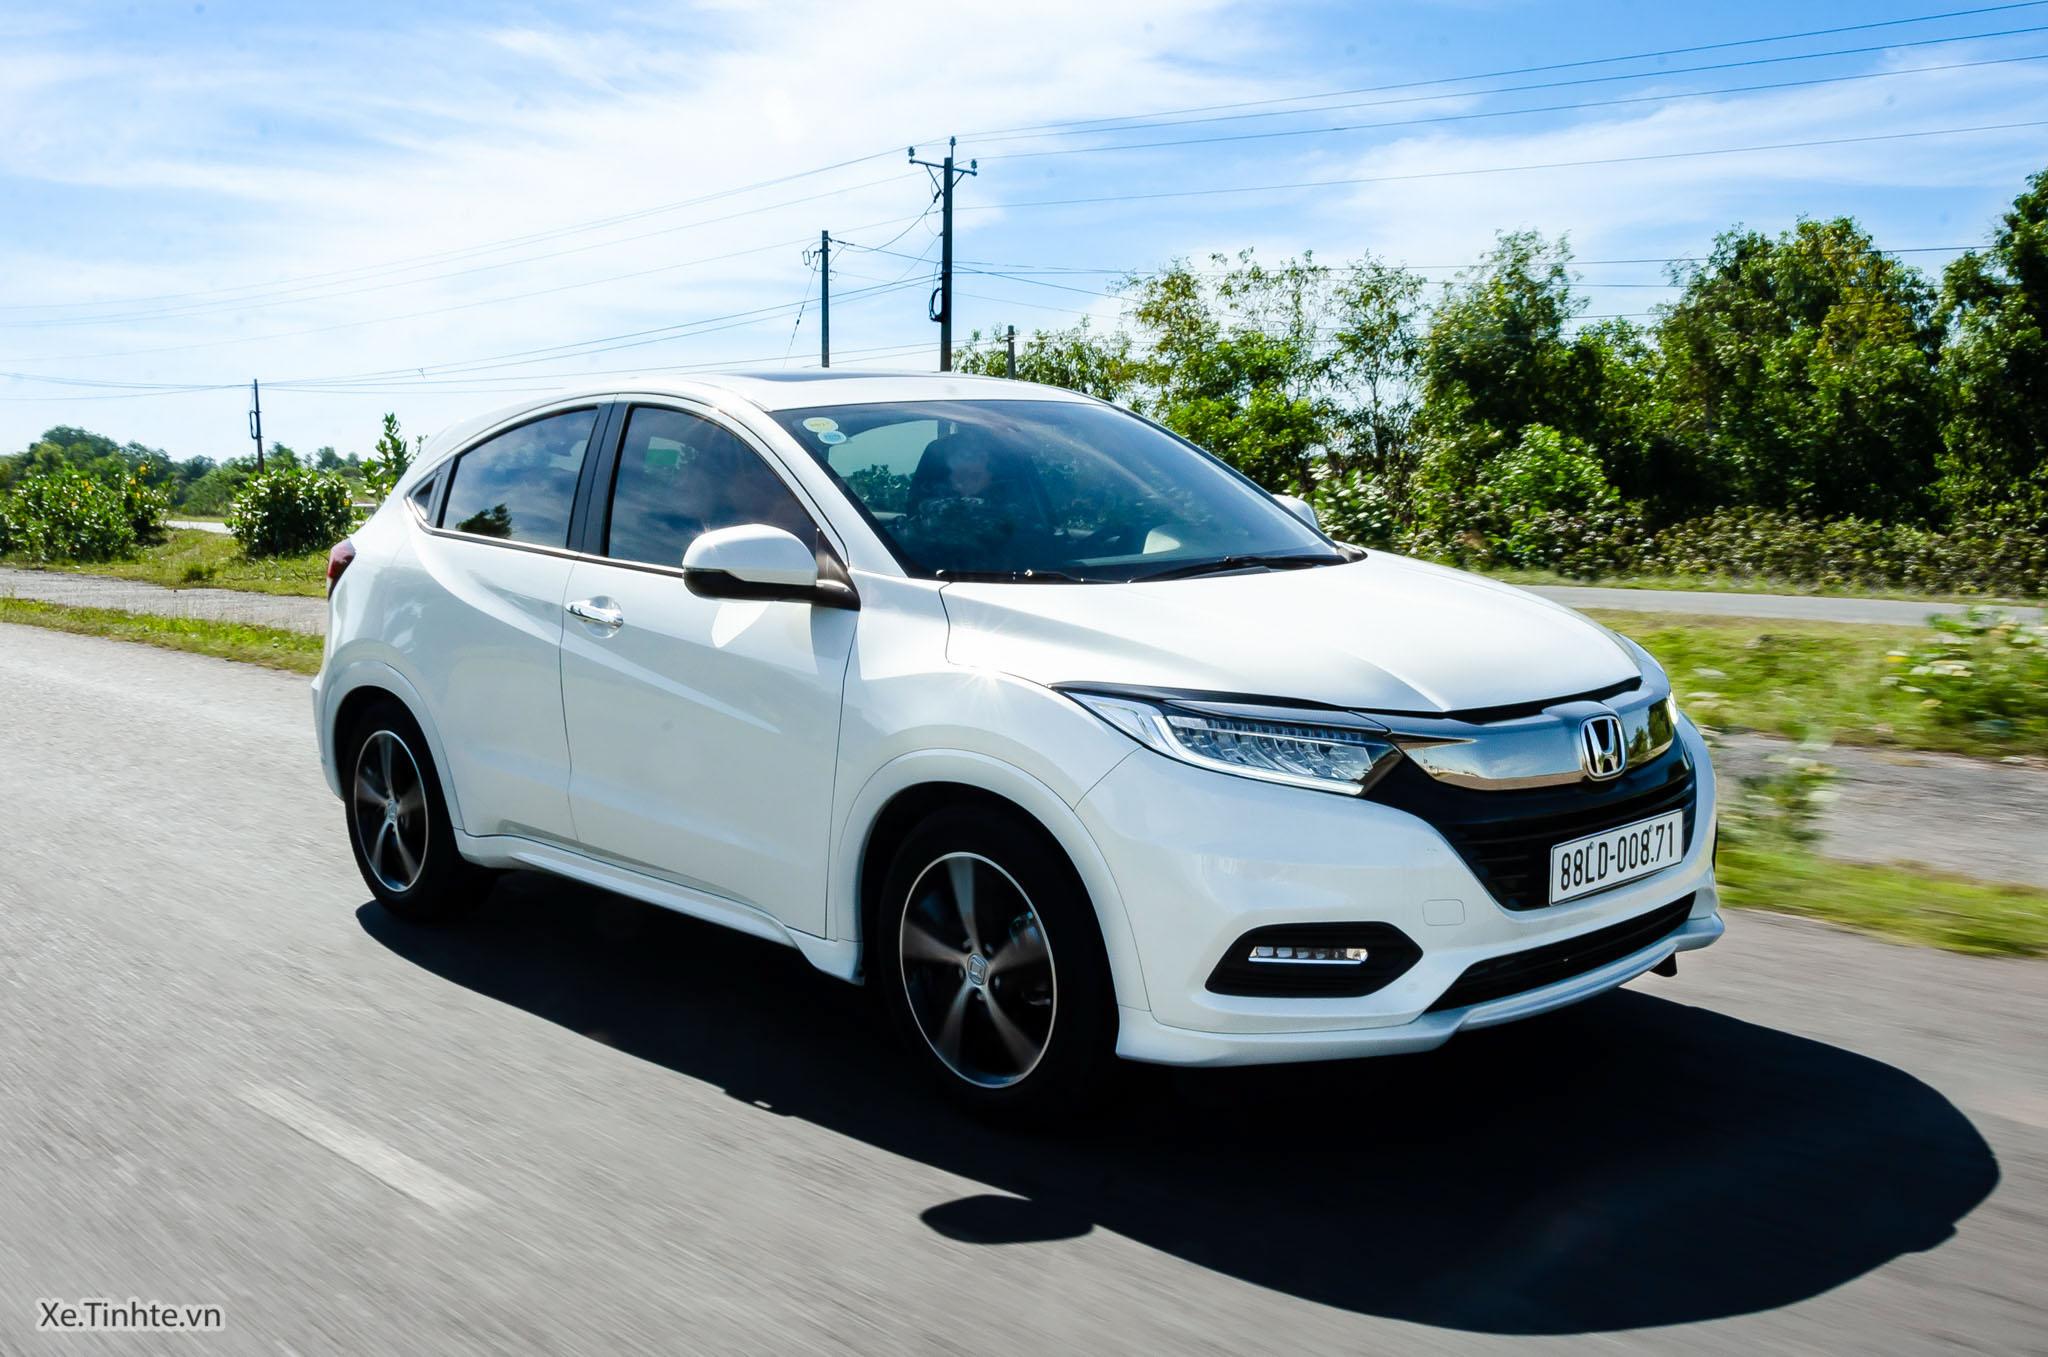 Honda_HR-V 2018_Xe.tinhte.vn--5.jpg